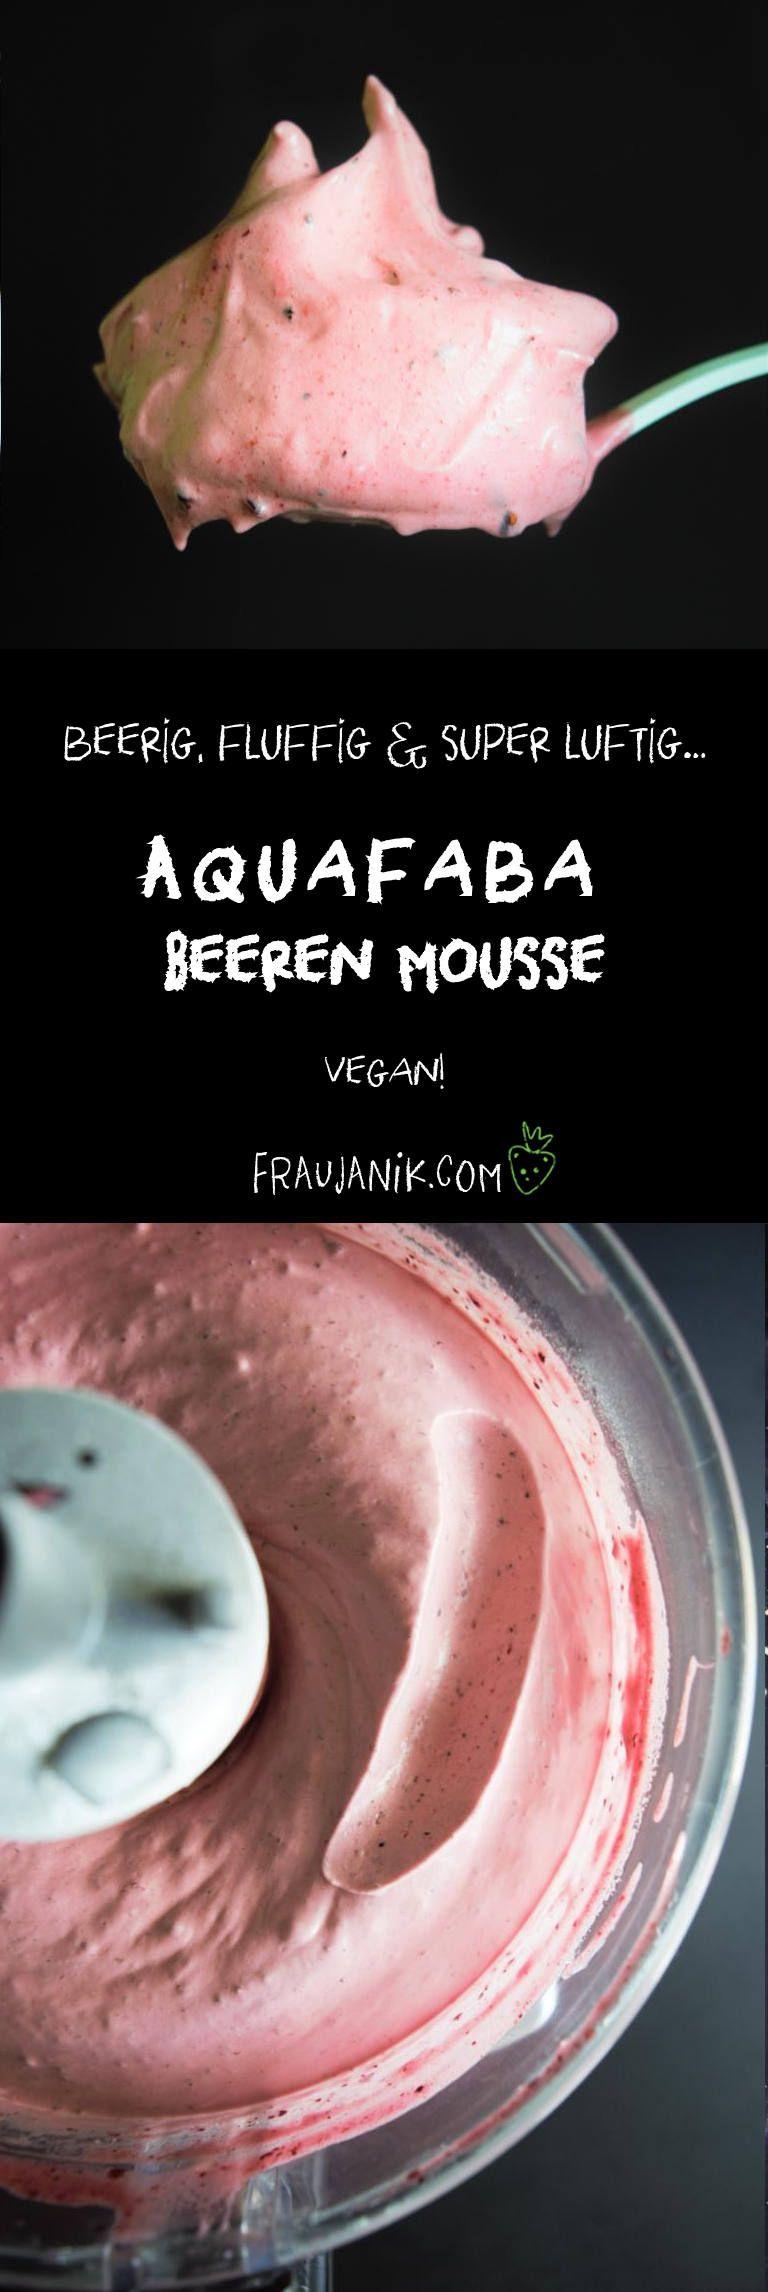 Aquafaba Mousse   3 Zutaten   vegan, Einfache Beeren Mousse #aquafaba #mousse #creme #beeren #dessert #vegan #softeis #vitamins